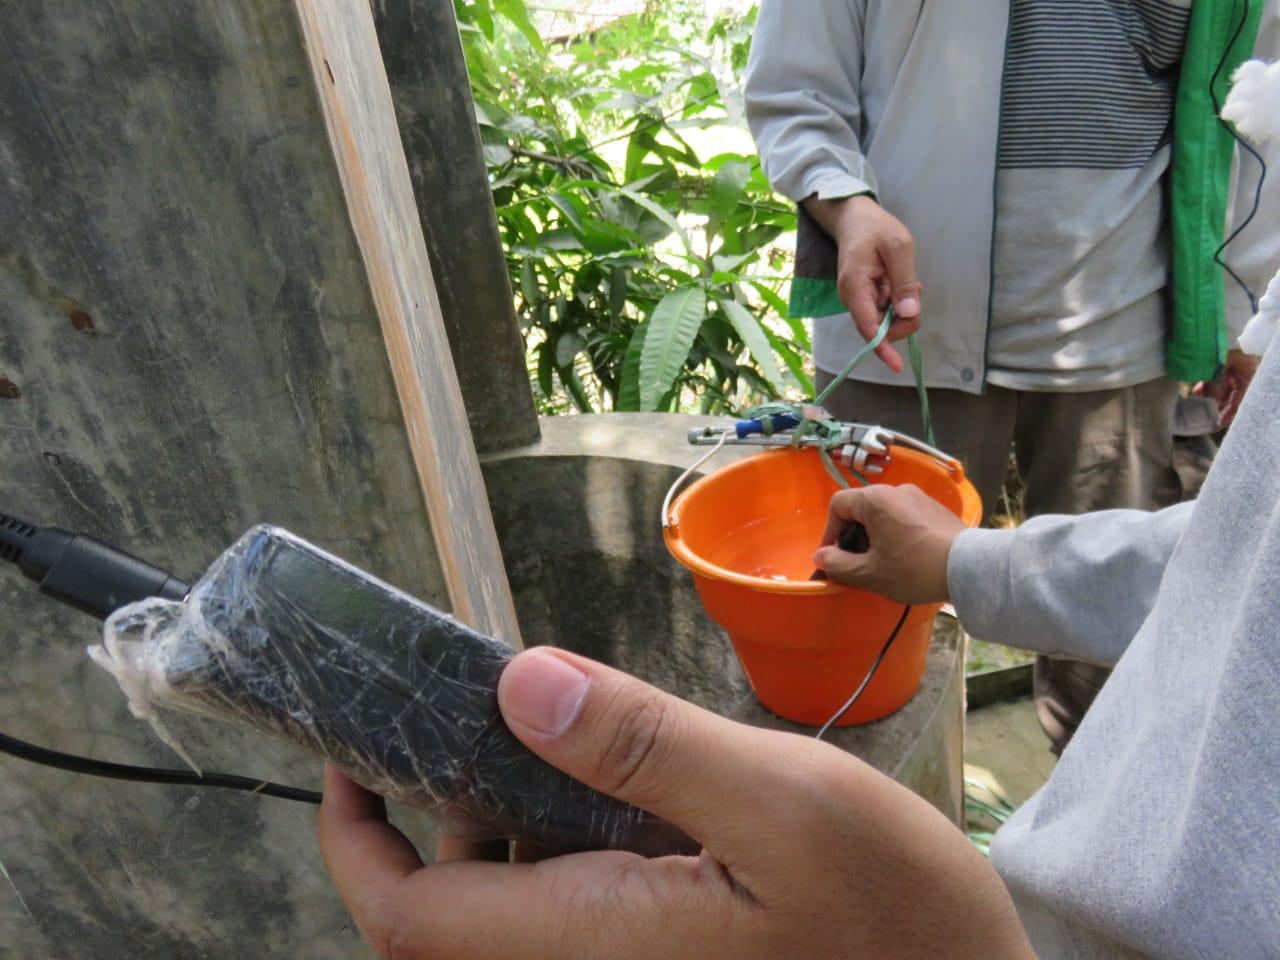 gempa-bumi-lombok-banyak-masyarakat-di-pengungsian-kesulitan-air-bersih